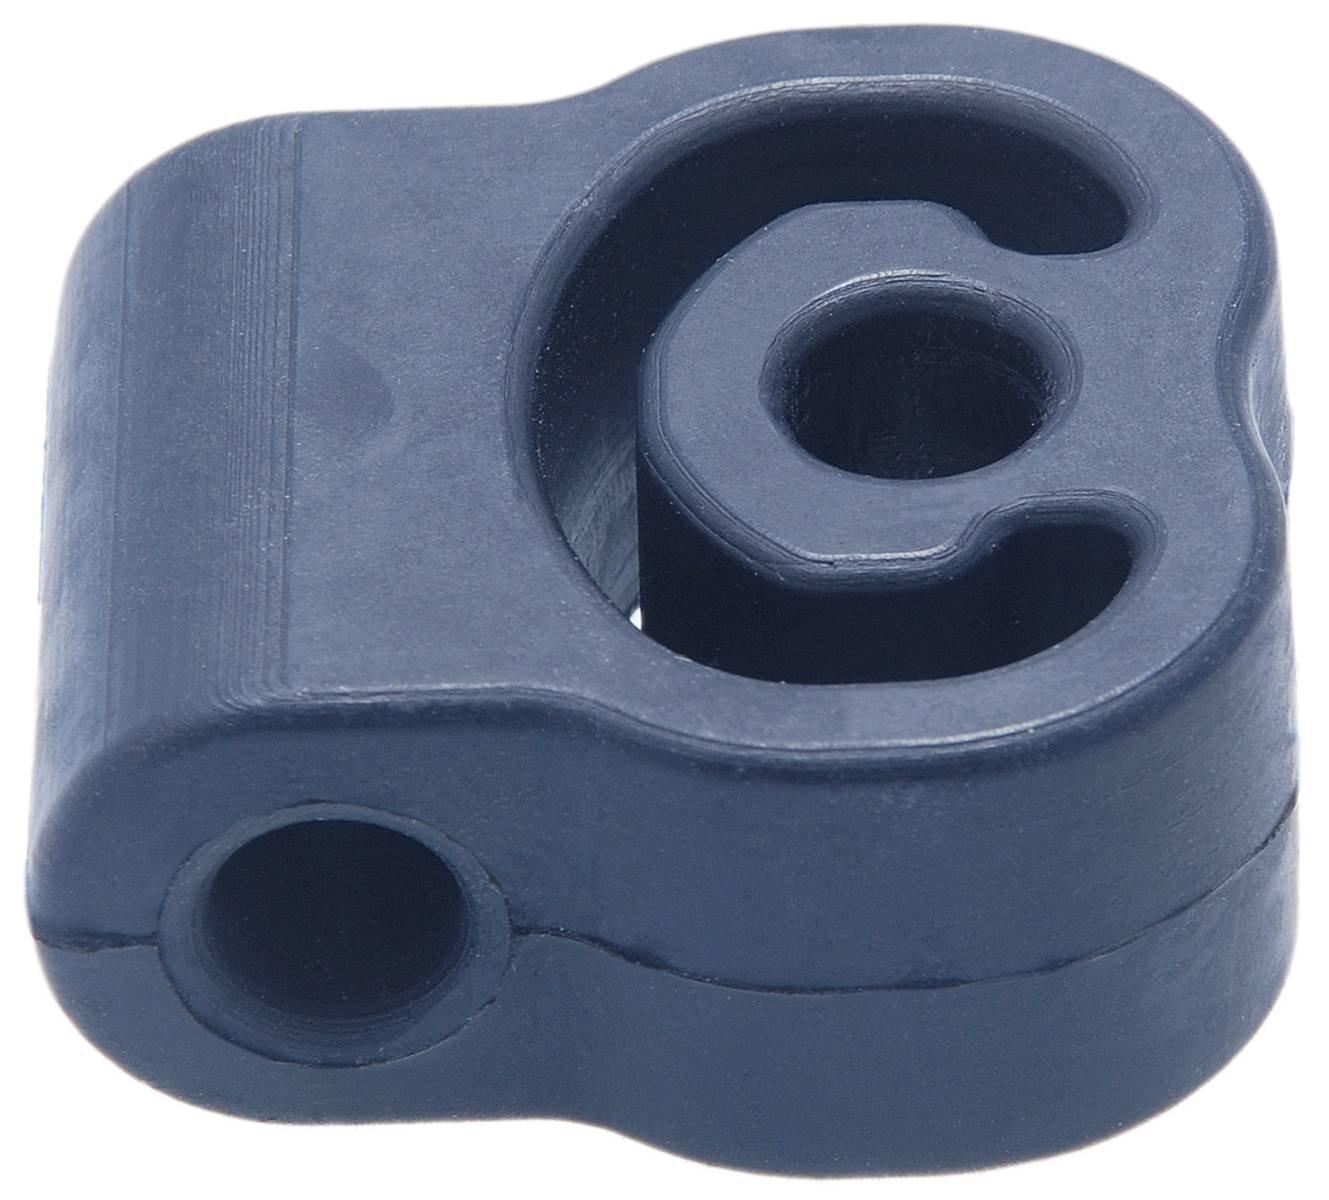 20651-Af400 / 20651Af400 - Exhaust Pipe Support For Nissan Febest